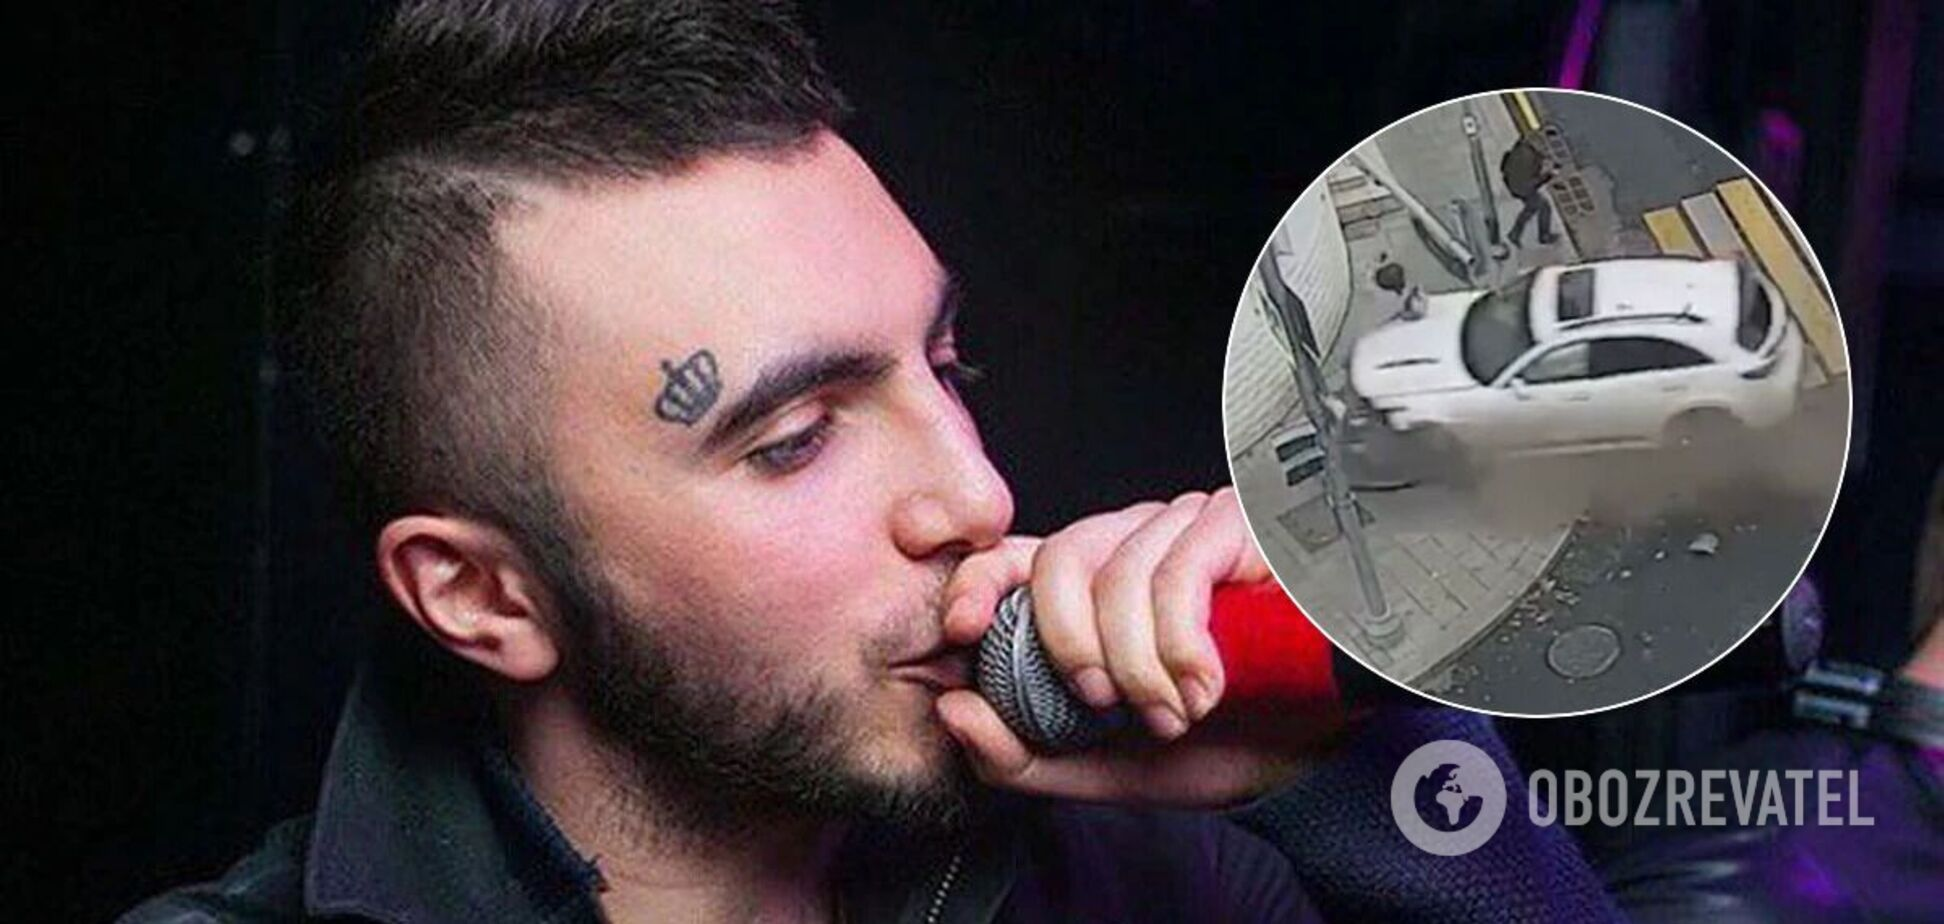 Співак Ельмін Гулієв влаштував аварію в центрі Москви